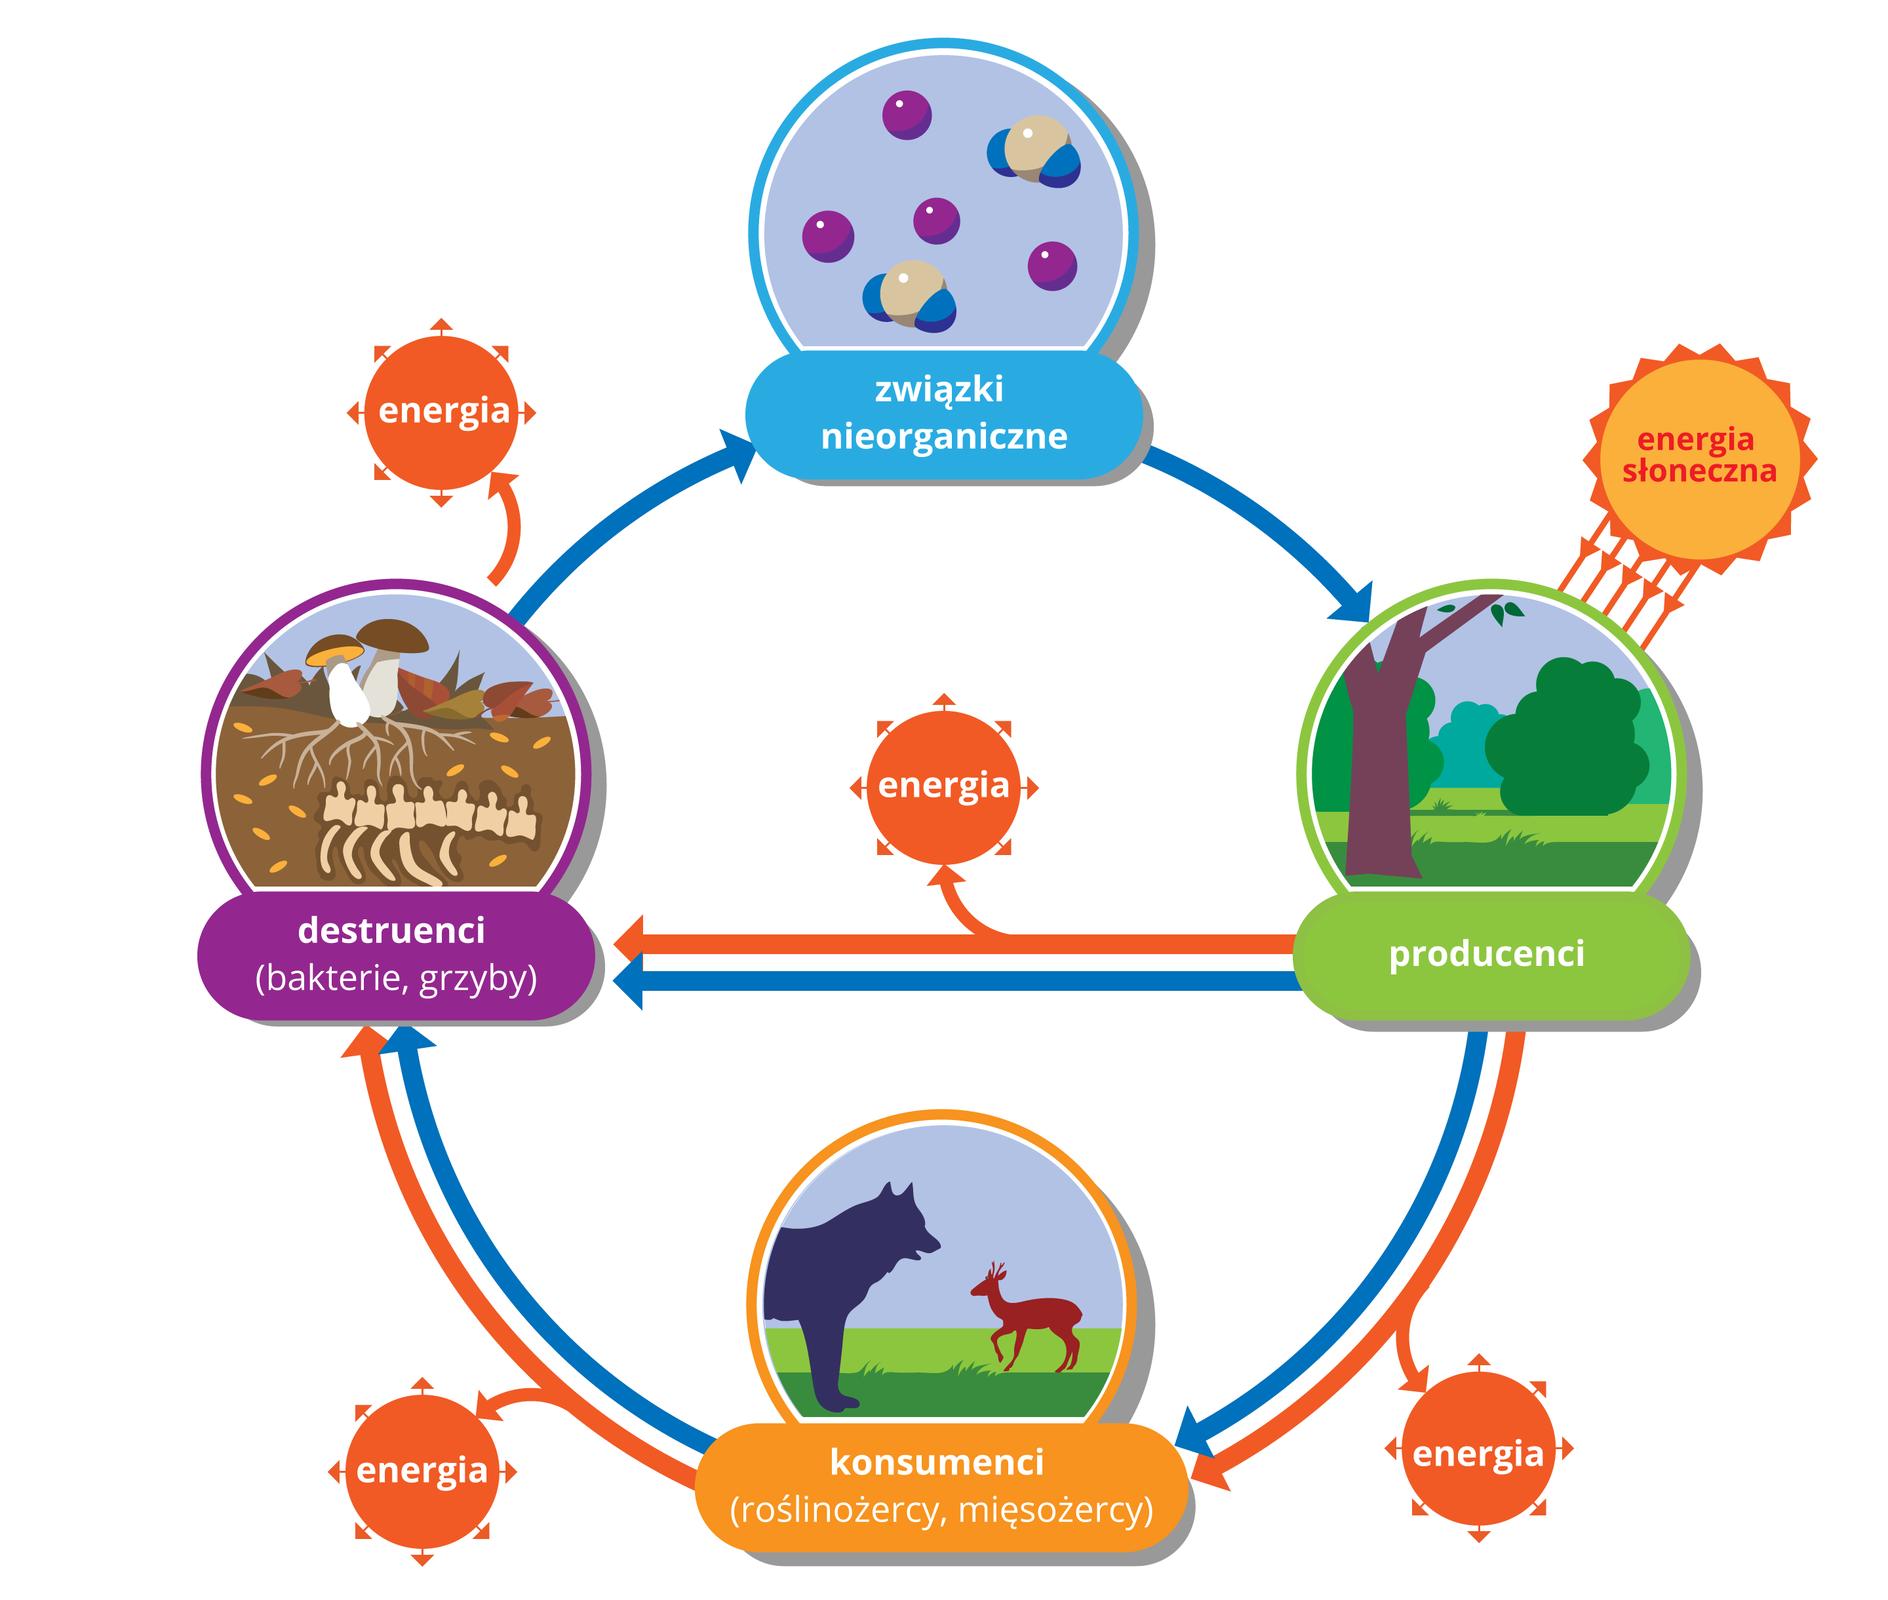 Schemat przedstawia obieg materii iprzepływ energii przez ekosystem. strzałki czerwone - energia, strzałki miebieskie - materia.